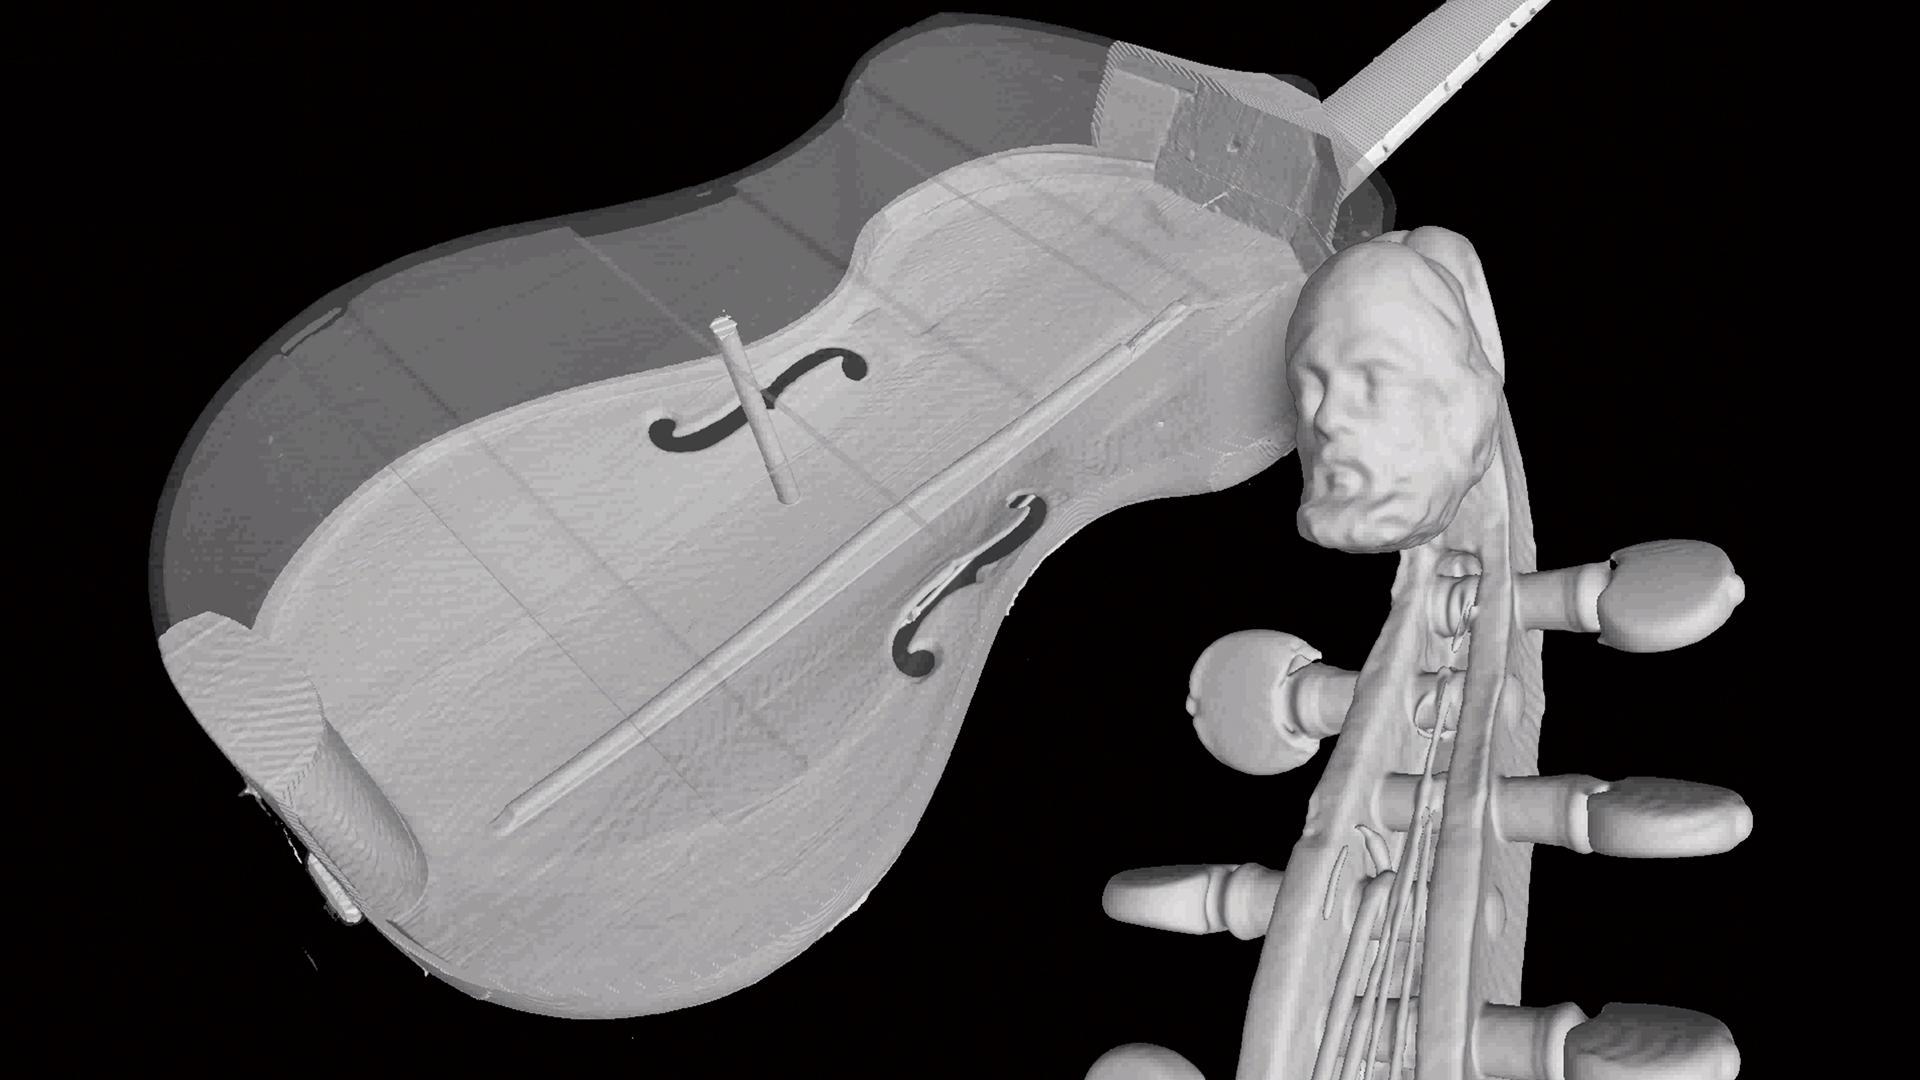 「楽器CT検査基準」(MUSICES)プロジェクトの一環として、このヴィオラ・ダ・ガンバのような100を超える歴史的な名楽器がスキャンされました。